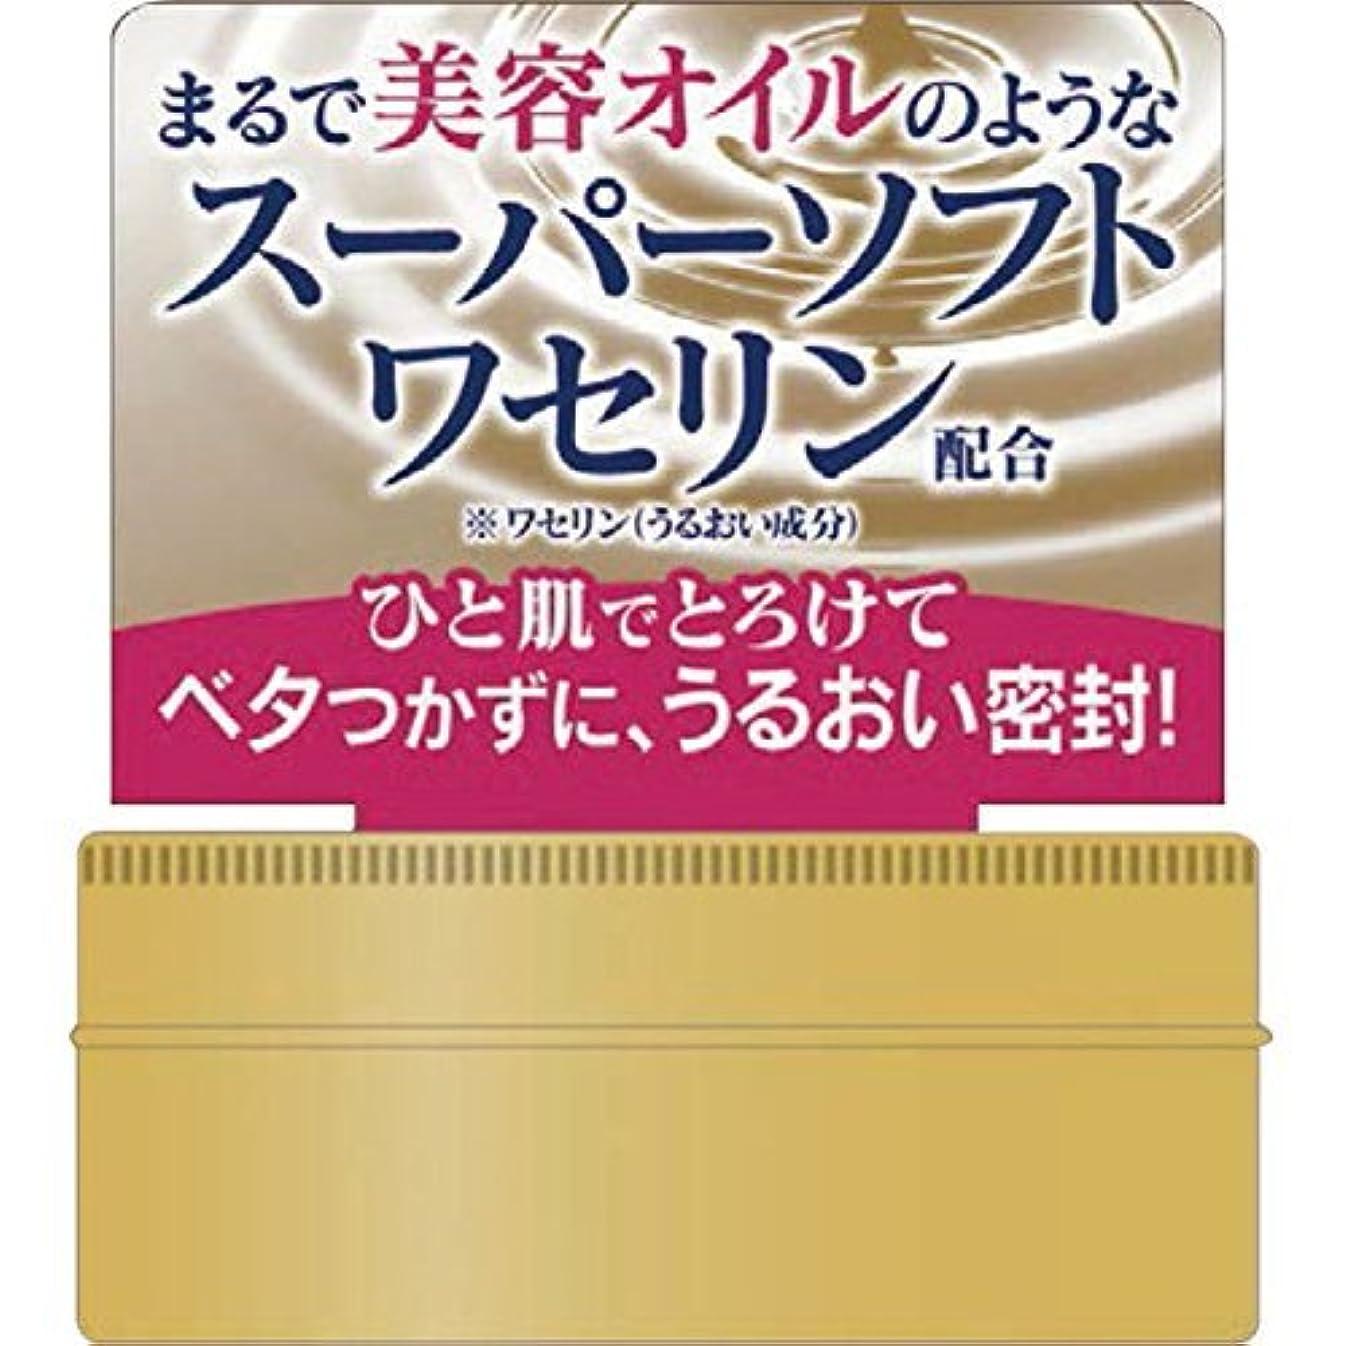 デザート害虫破滅肌研 極潤プレミアム ヒアルロンオイルジェリー25g